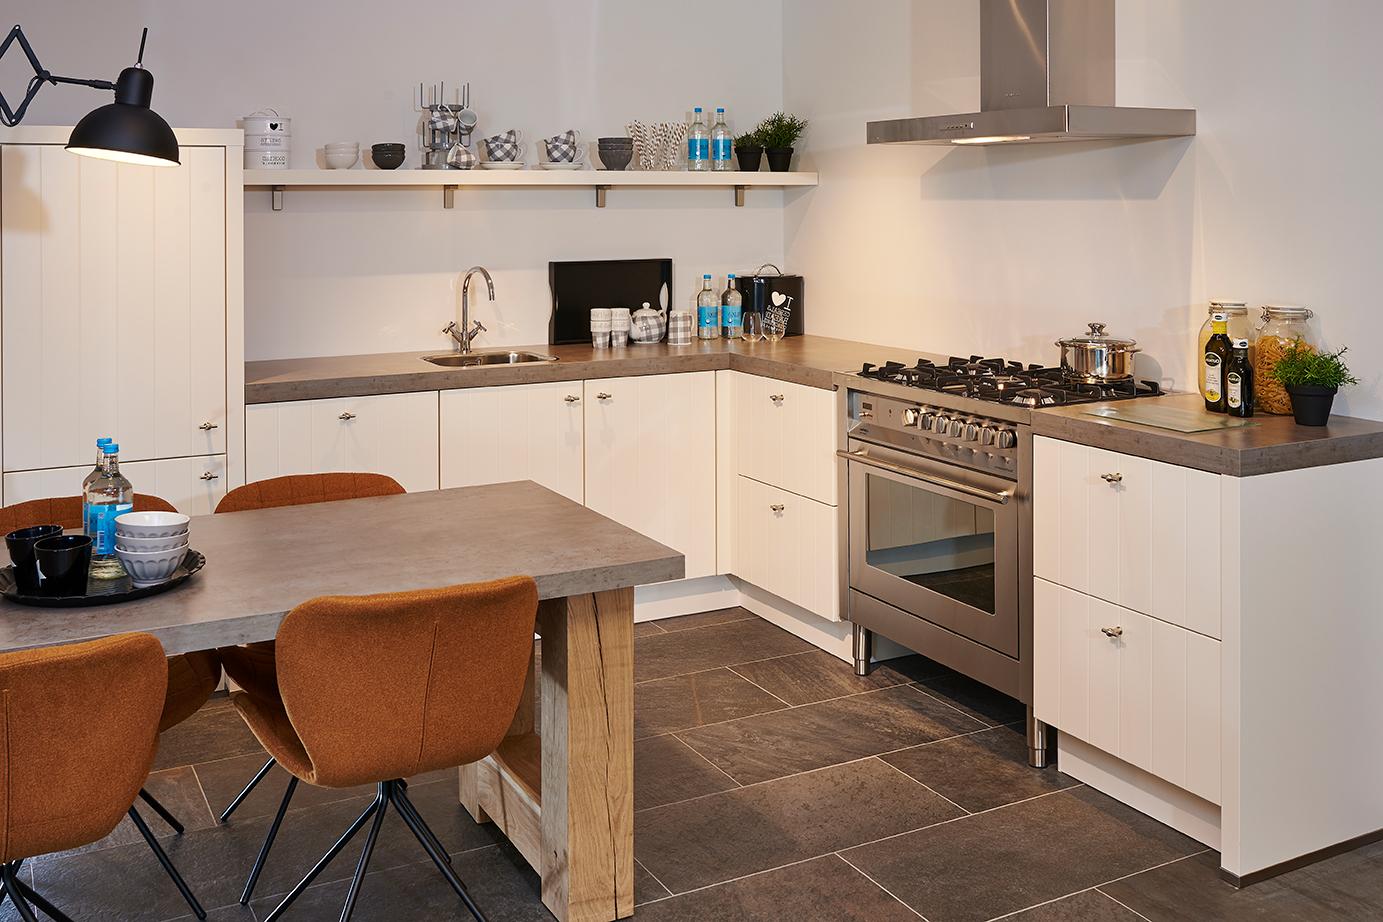 Kleine keuken met eiland xnovinky keuken ontwerp keuken inspiratie keukenstijlen van satink - Eiland in de kleine keuken ...